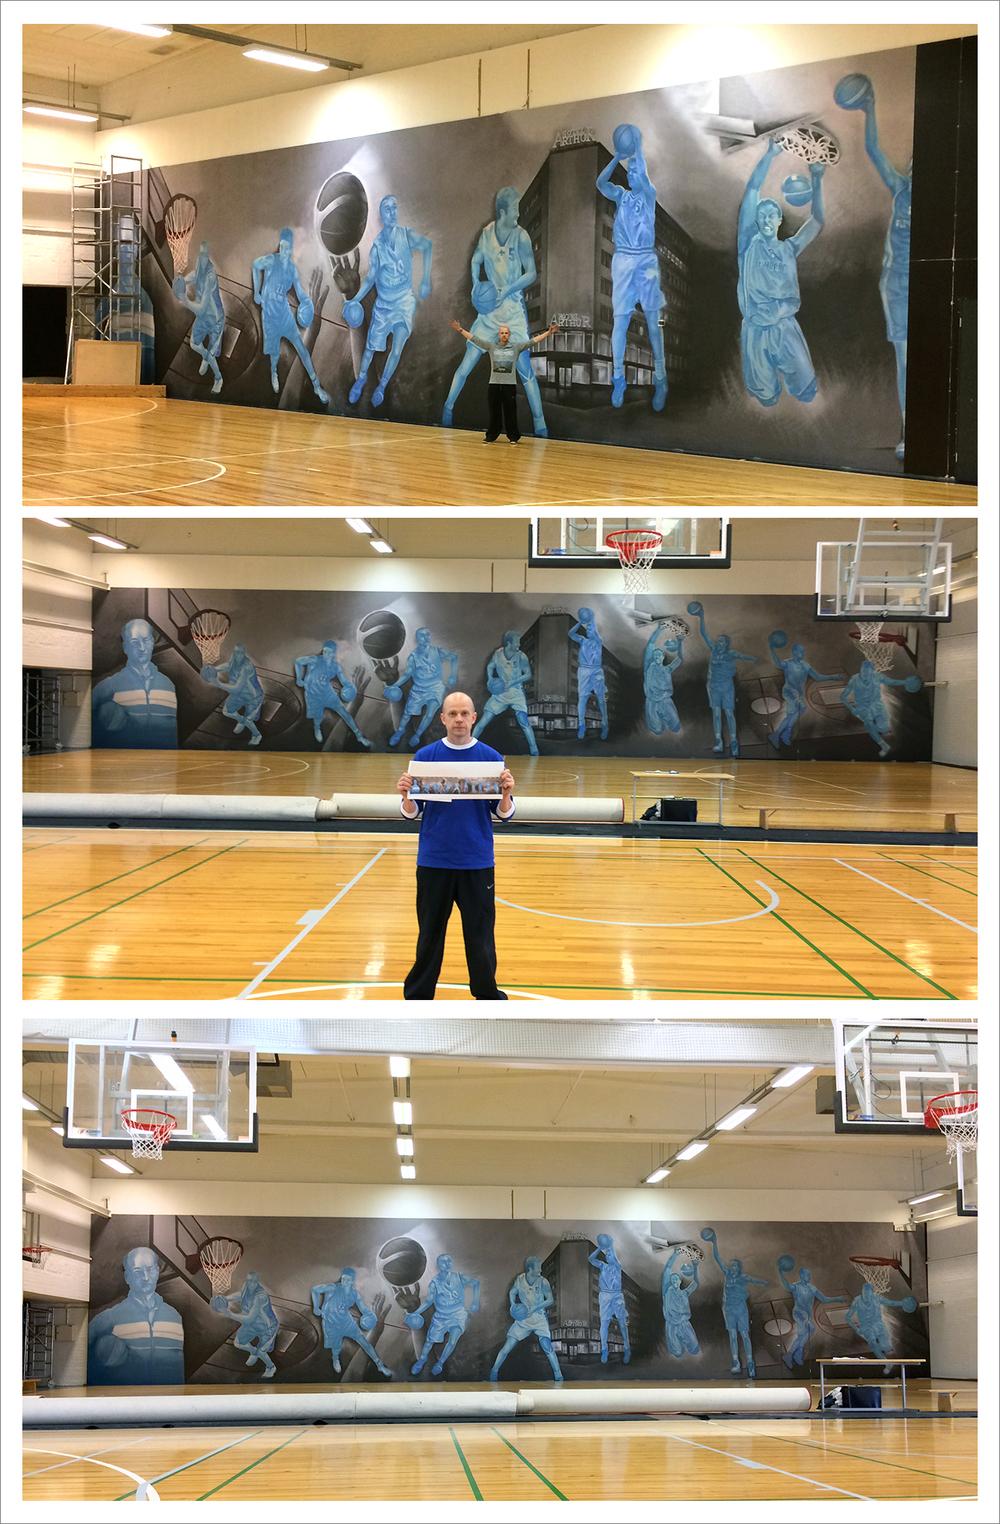 Uuden ylvään seinän kooksi tuli 25,8 x 5,0 metriä. Teosta pääsee ihailemaan osoitteessa: Malmin palloiluhalli, Siemenkuja 3, 00700 Helsinki. Kiitos Kromax / HNMKY että saimme olla mukana näin hienossa projektissa !